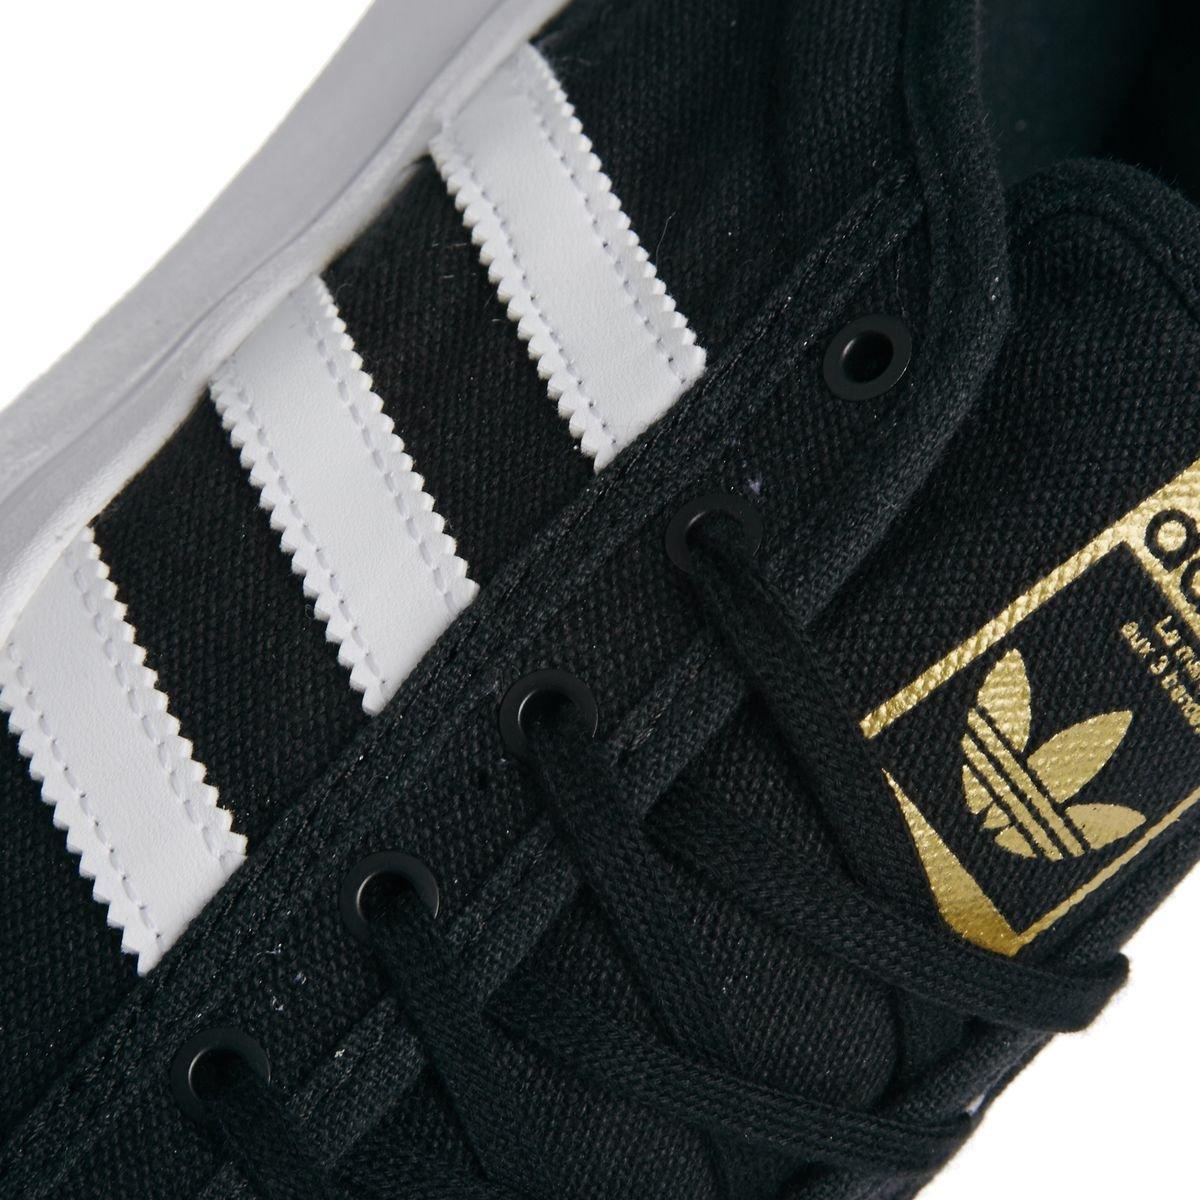 Adidas Superstar Amazon Blanco Y Negro cOOeEPBCK9